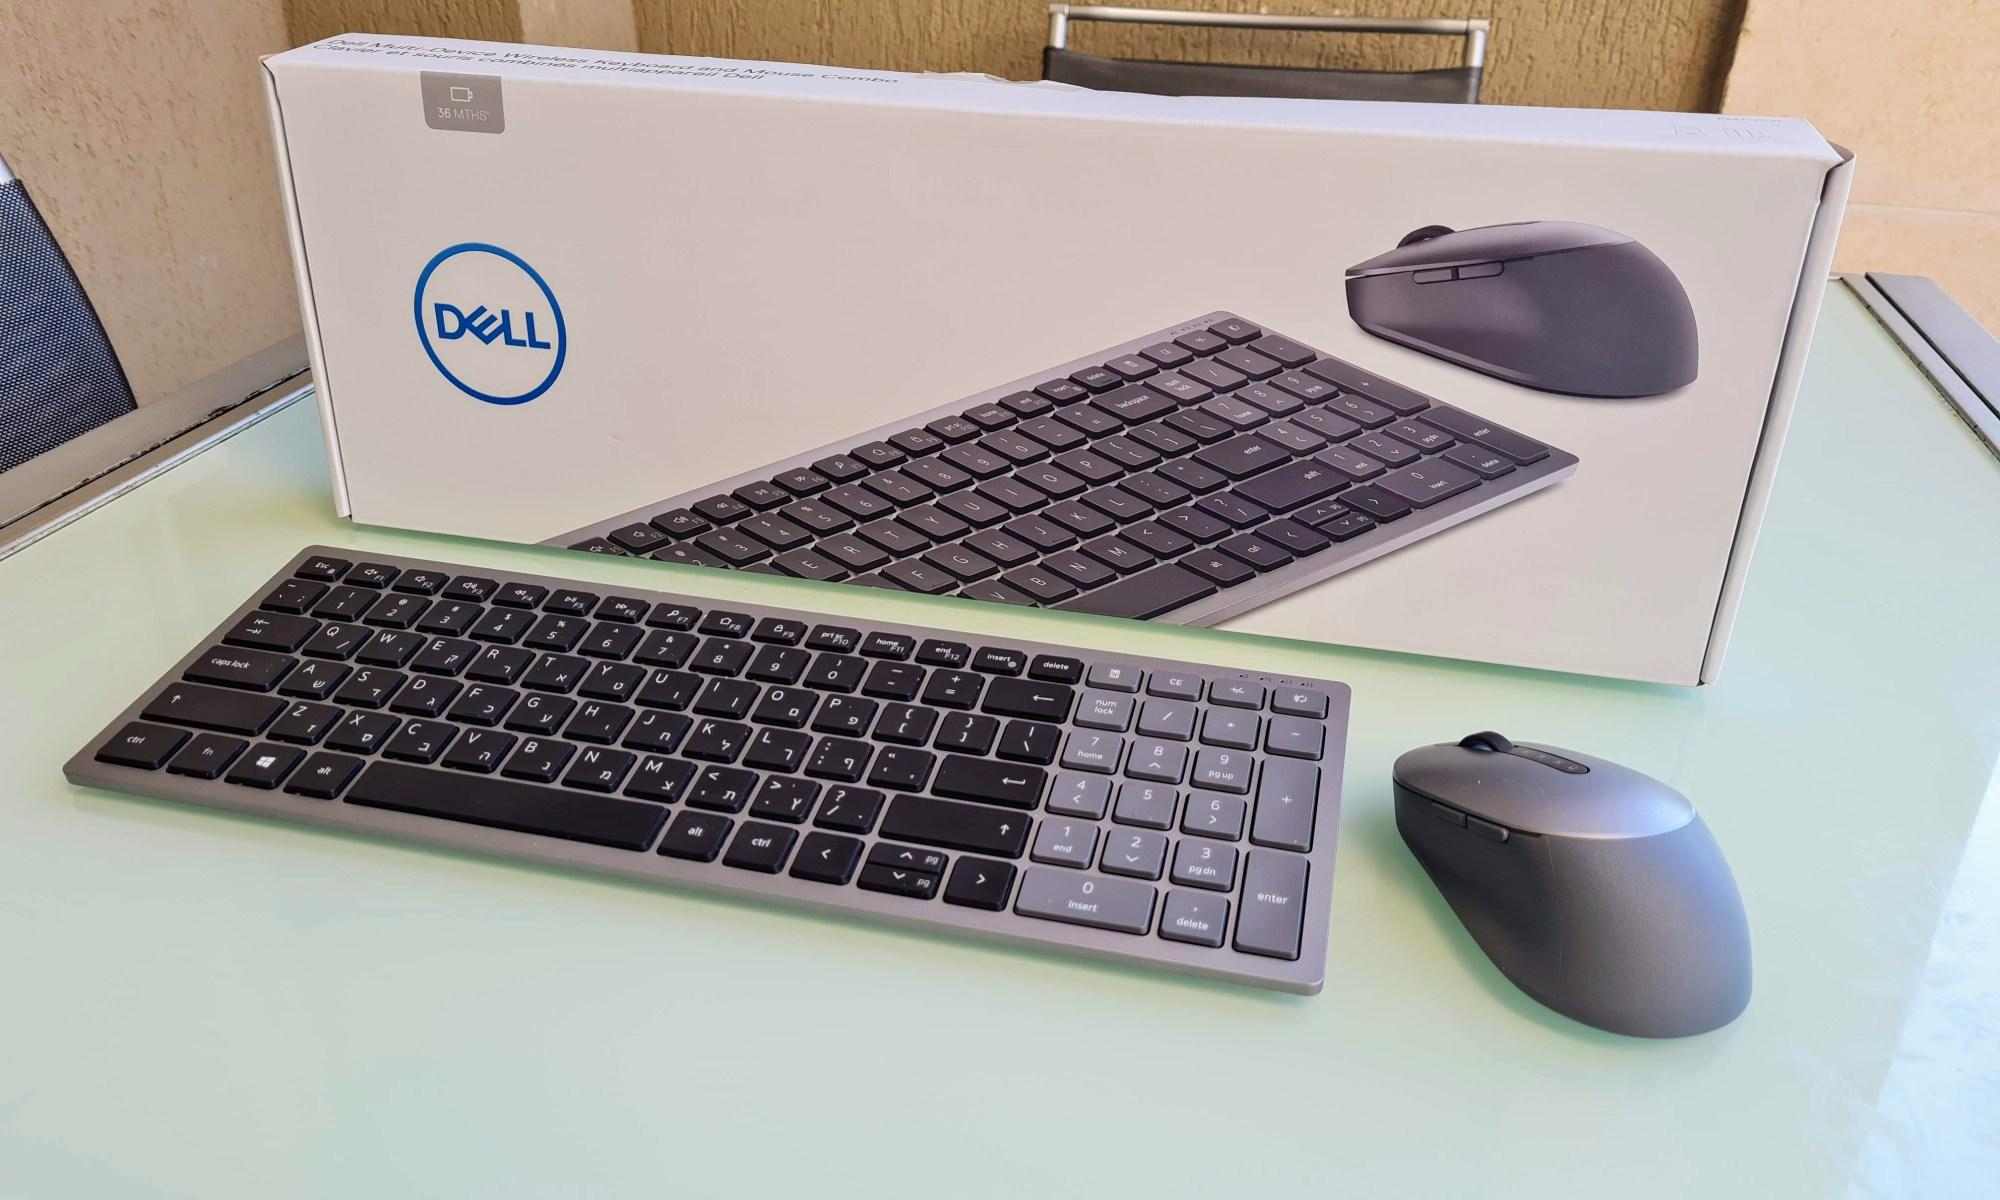 מקלדת ועכבר Dell KM7120W. צילום צחי הופמן